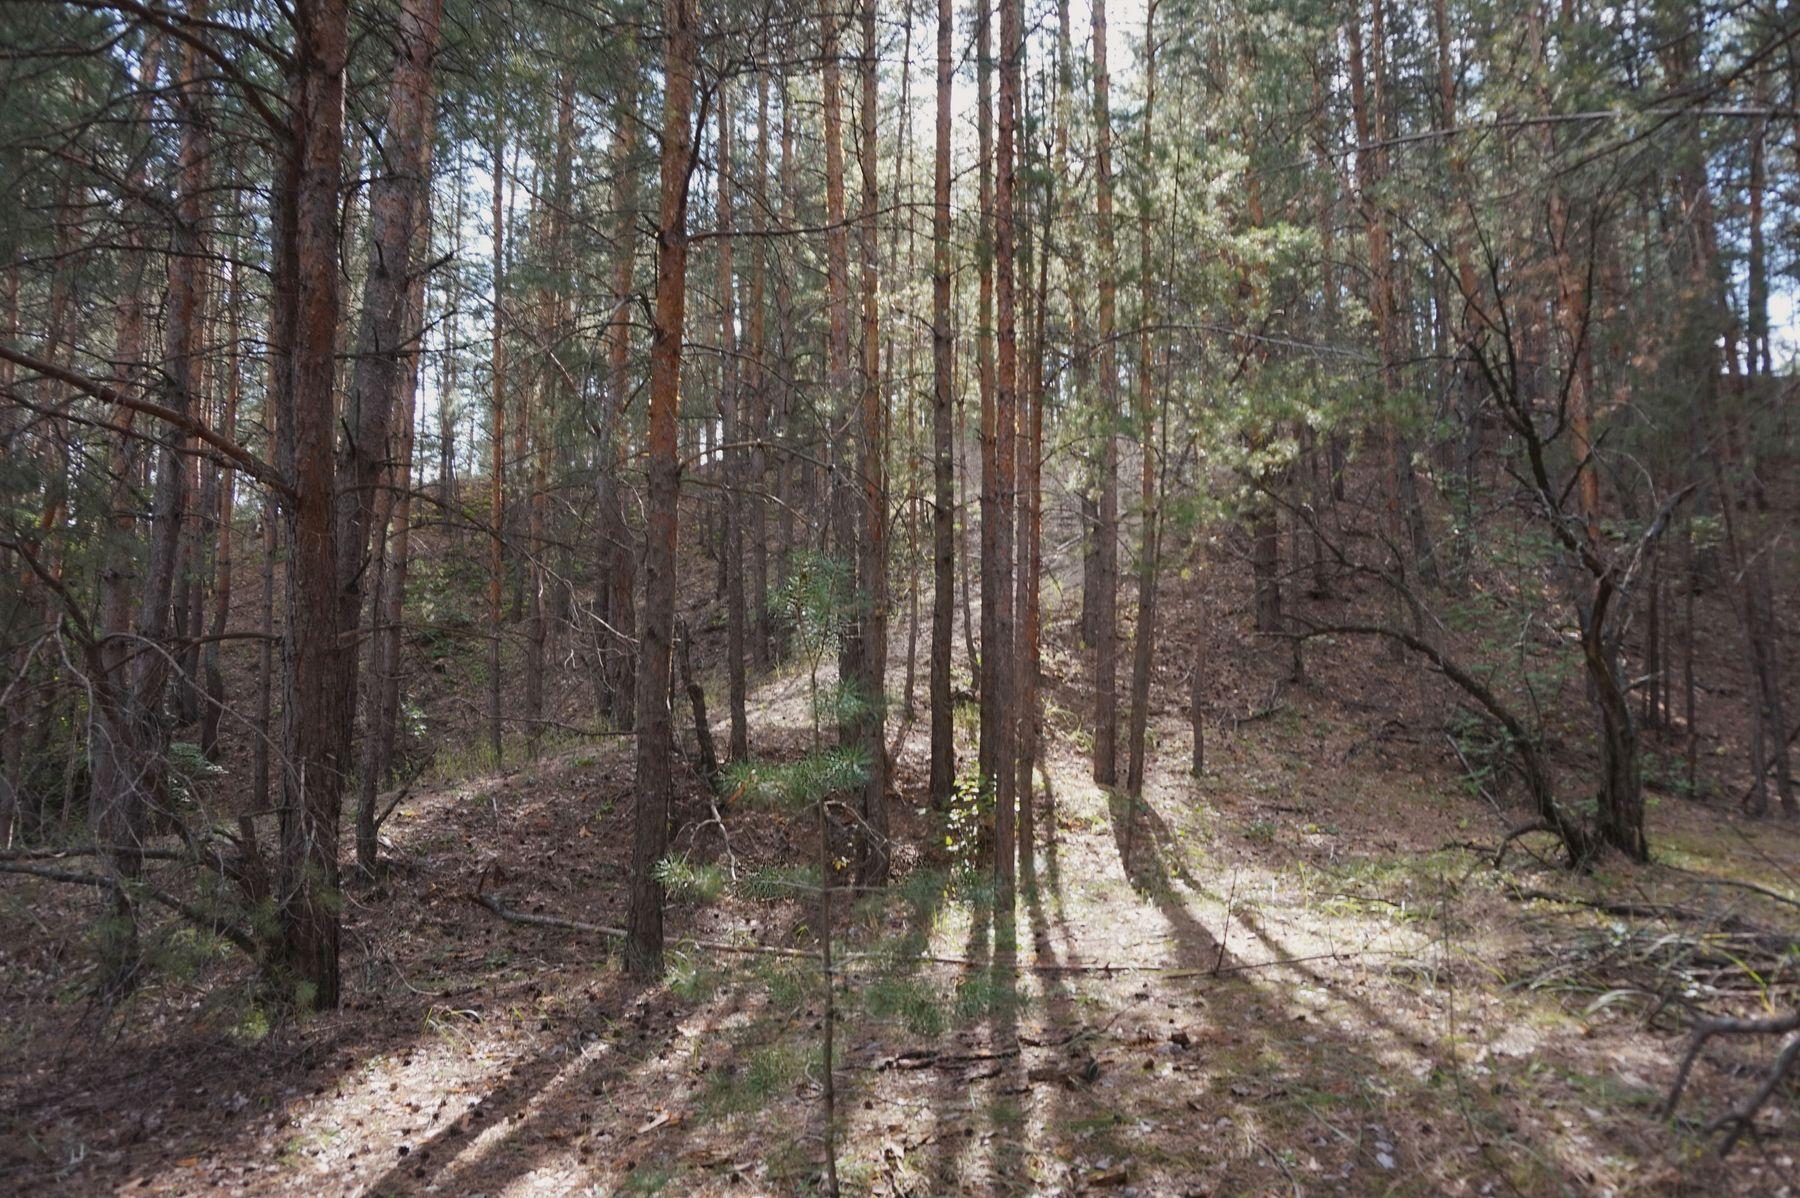 В сосновом лесу Пейзаж сосны лес